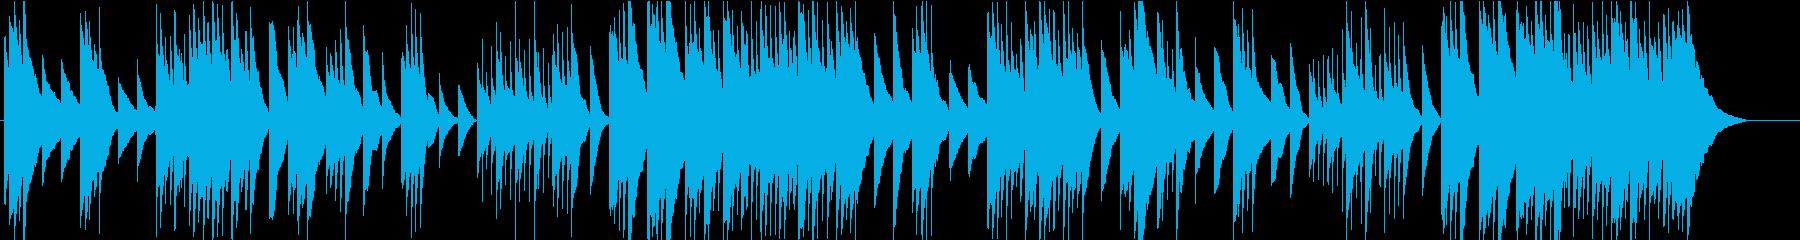 メルヘンチックでクラシカルなオルゴールの再生済みの波形